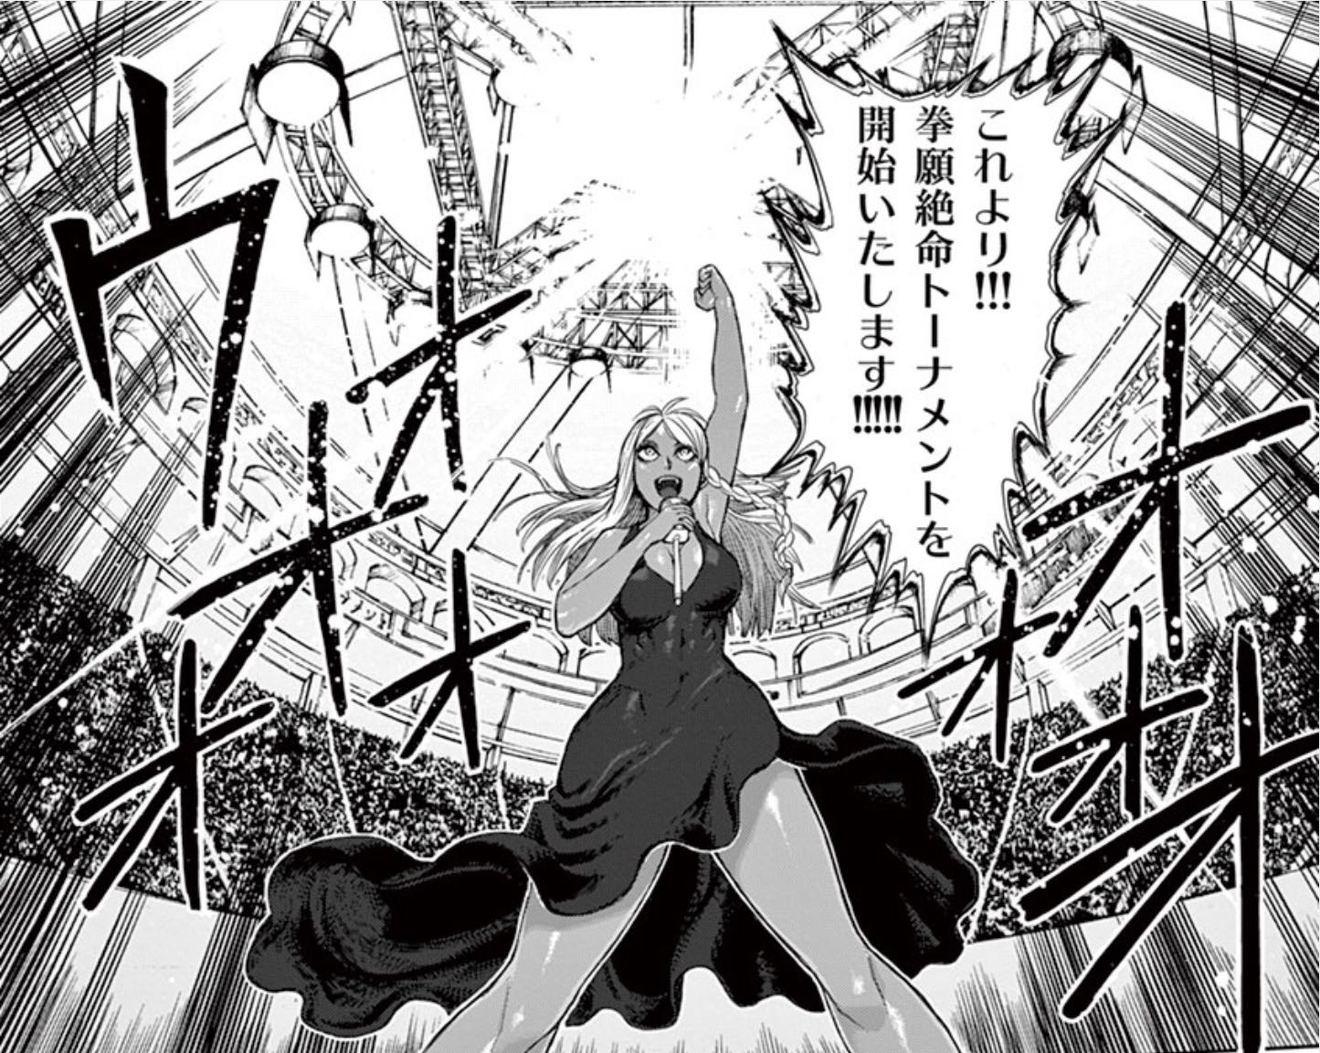 格闘漫画『ケンガンアシュラ』に絶対にハマる!厳選5試合を紹介|一部ネタバレ注意